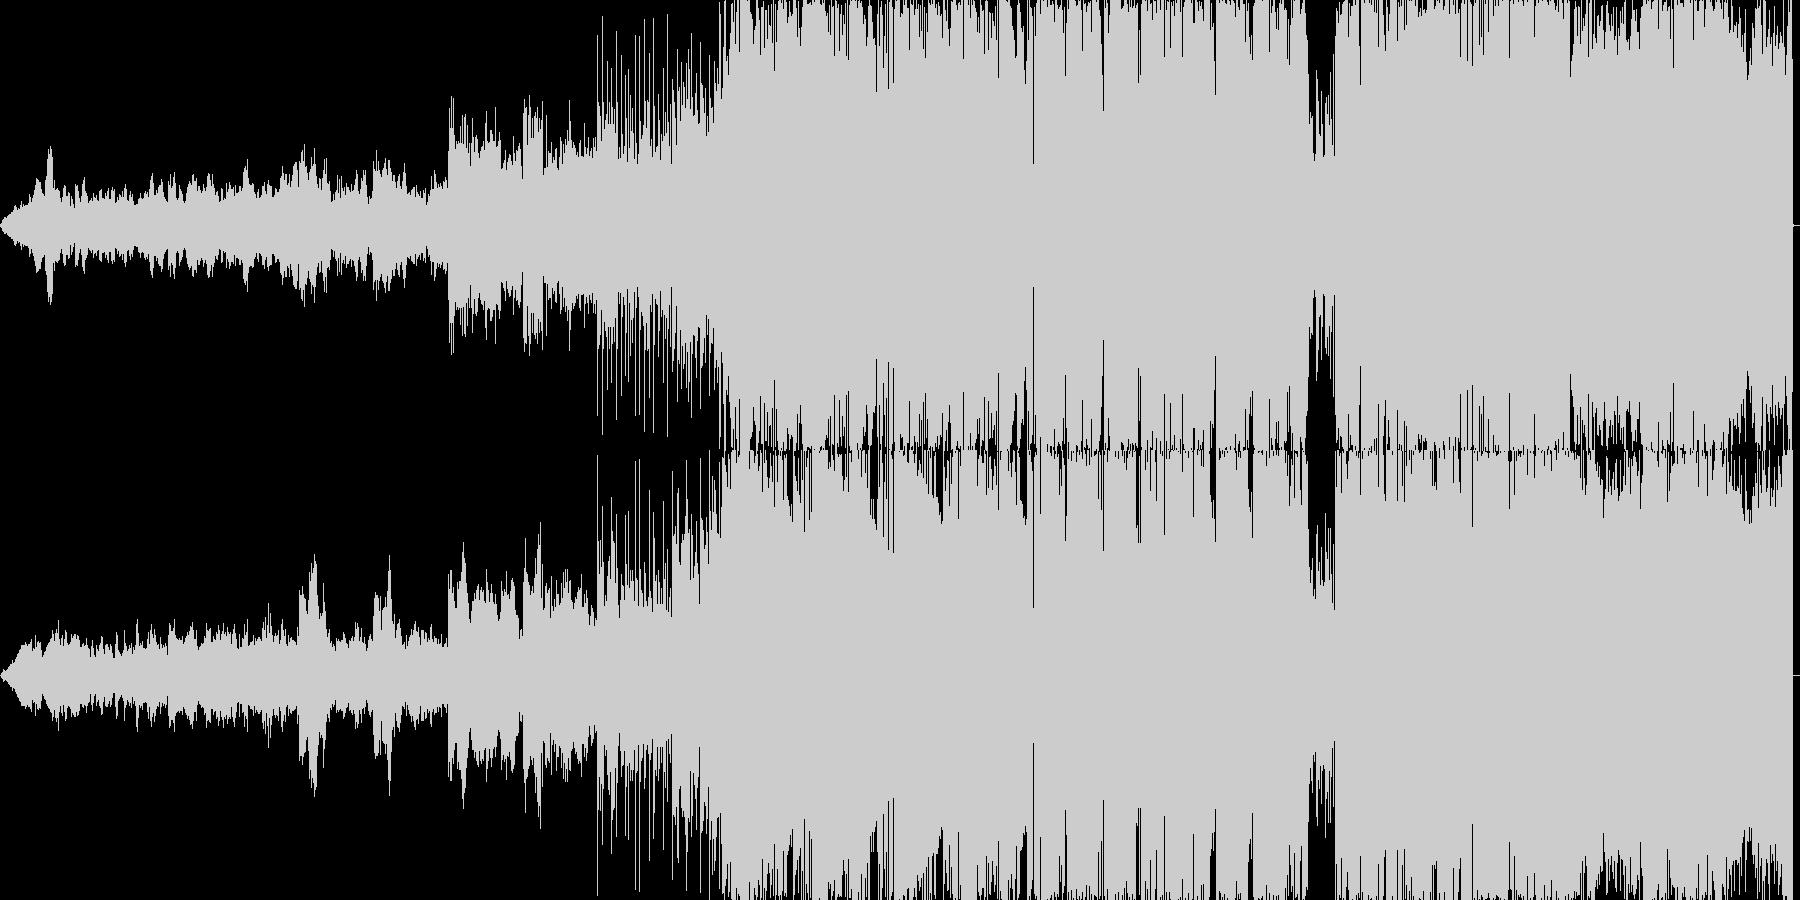 アグレッシブなデジタルロックの未再生の波形